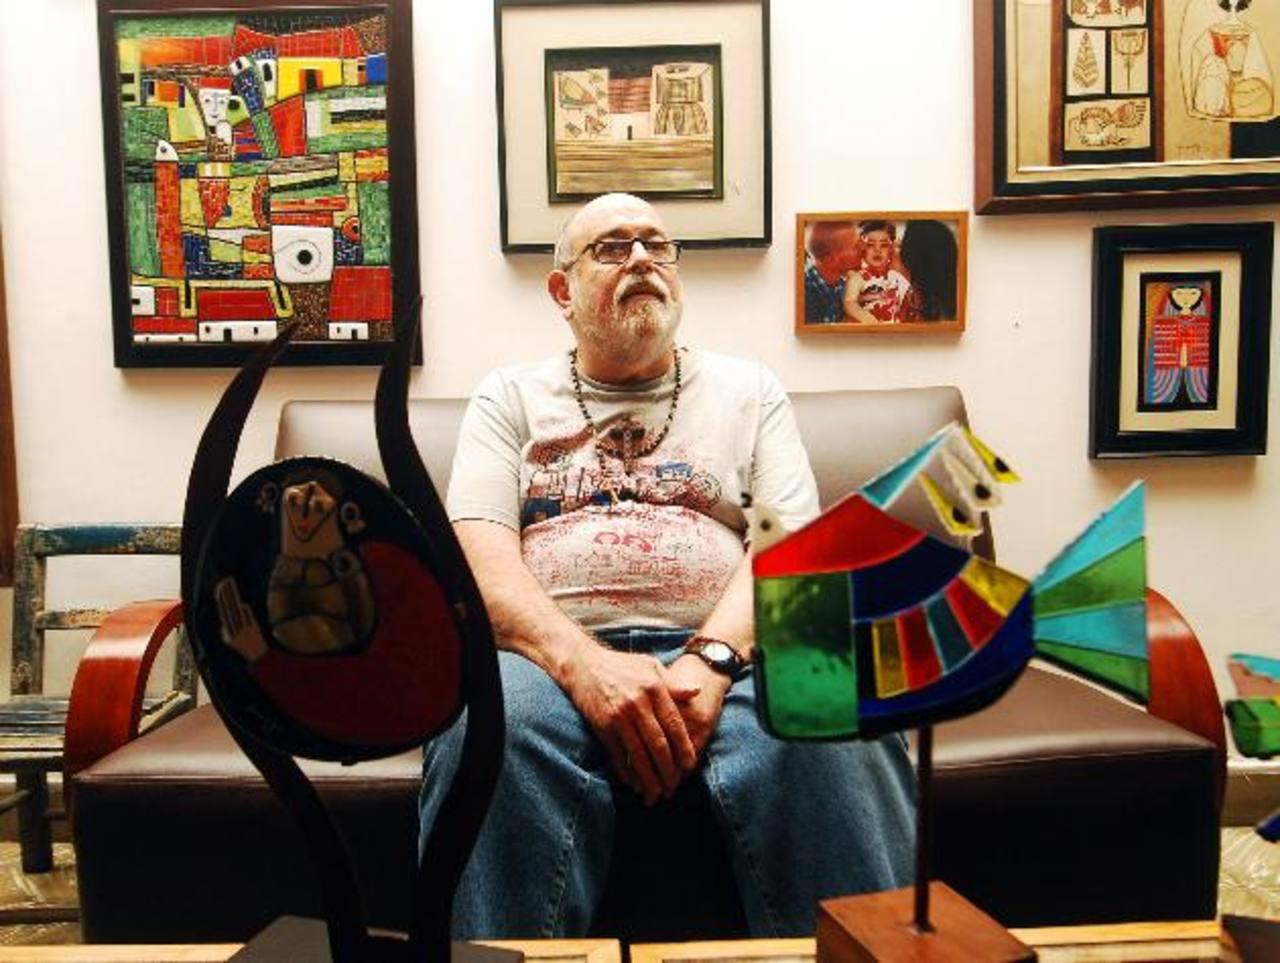 El artista Fernando Llort, ganador del Premio Nacional de Cultura 2013. Foto/ Archivo